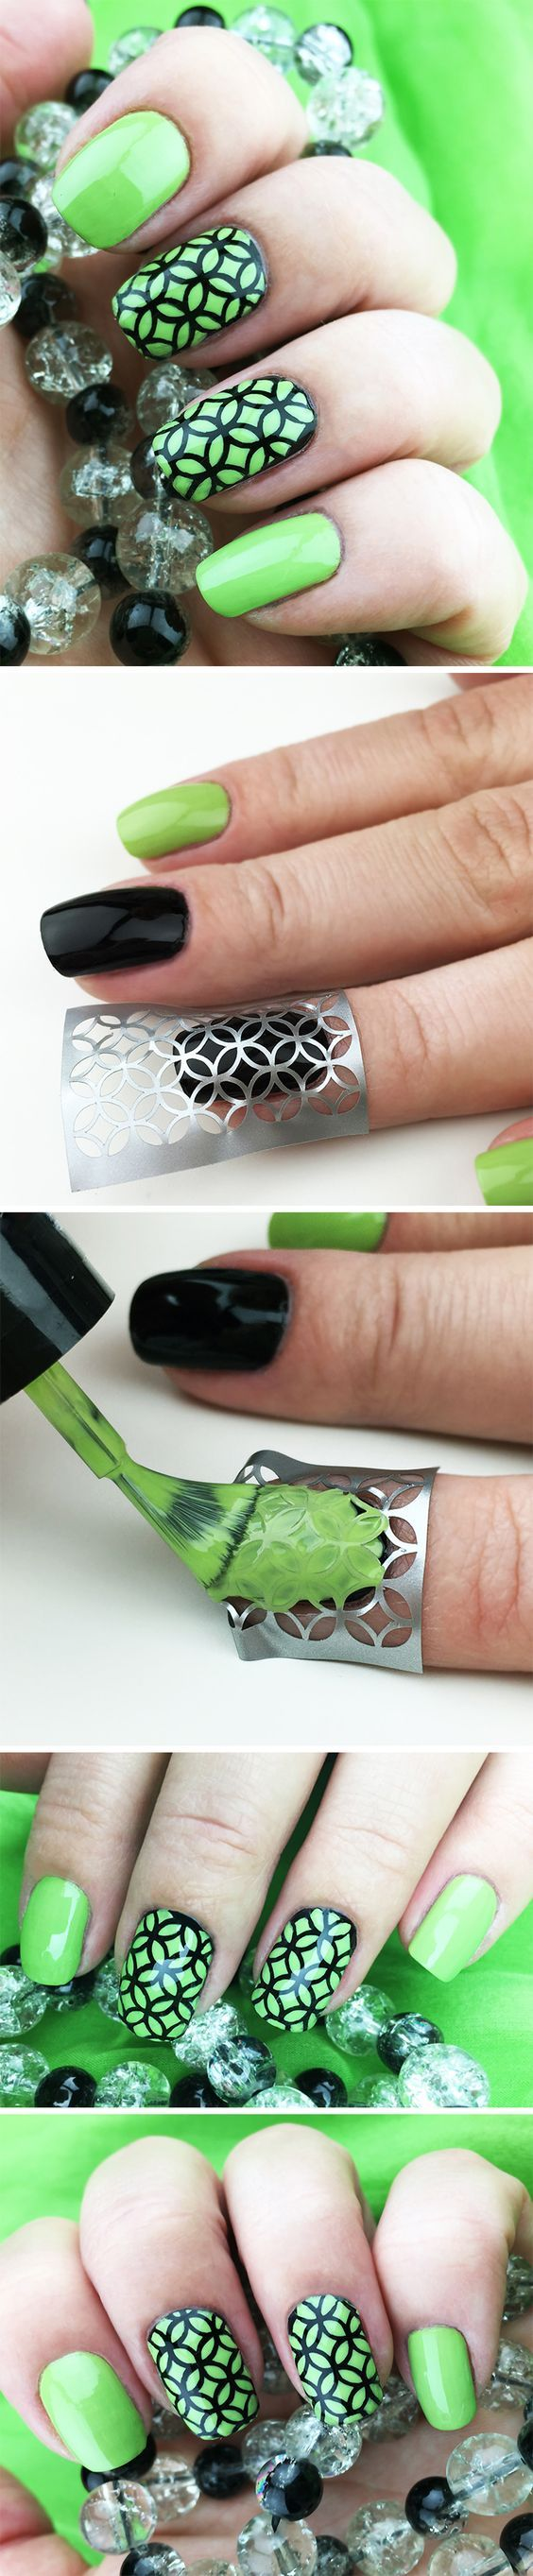 Mejores 280 imágenes de nails en Pinterest   Diseños artísticos en ...